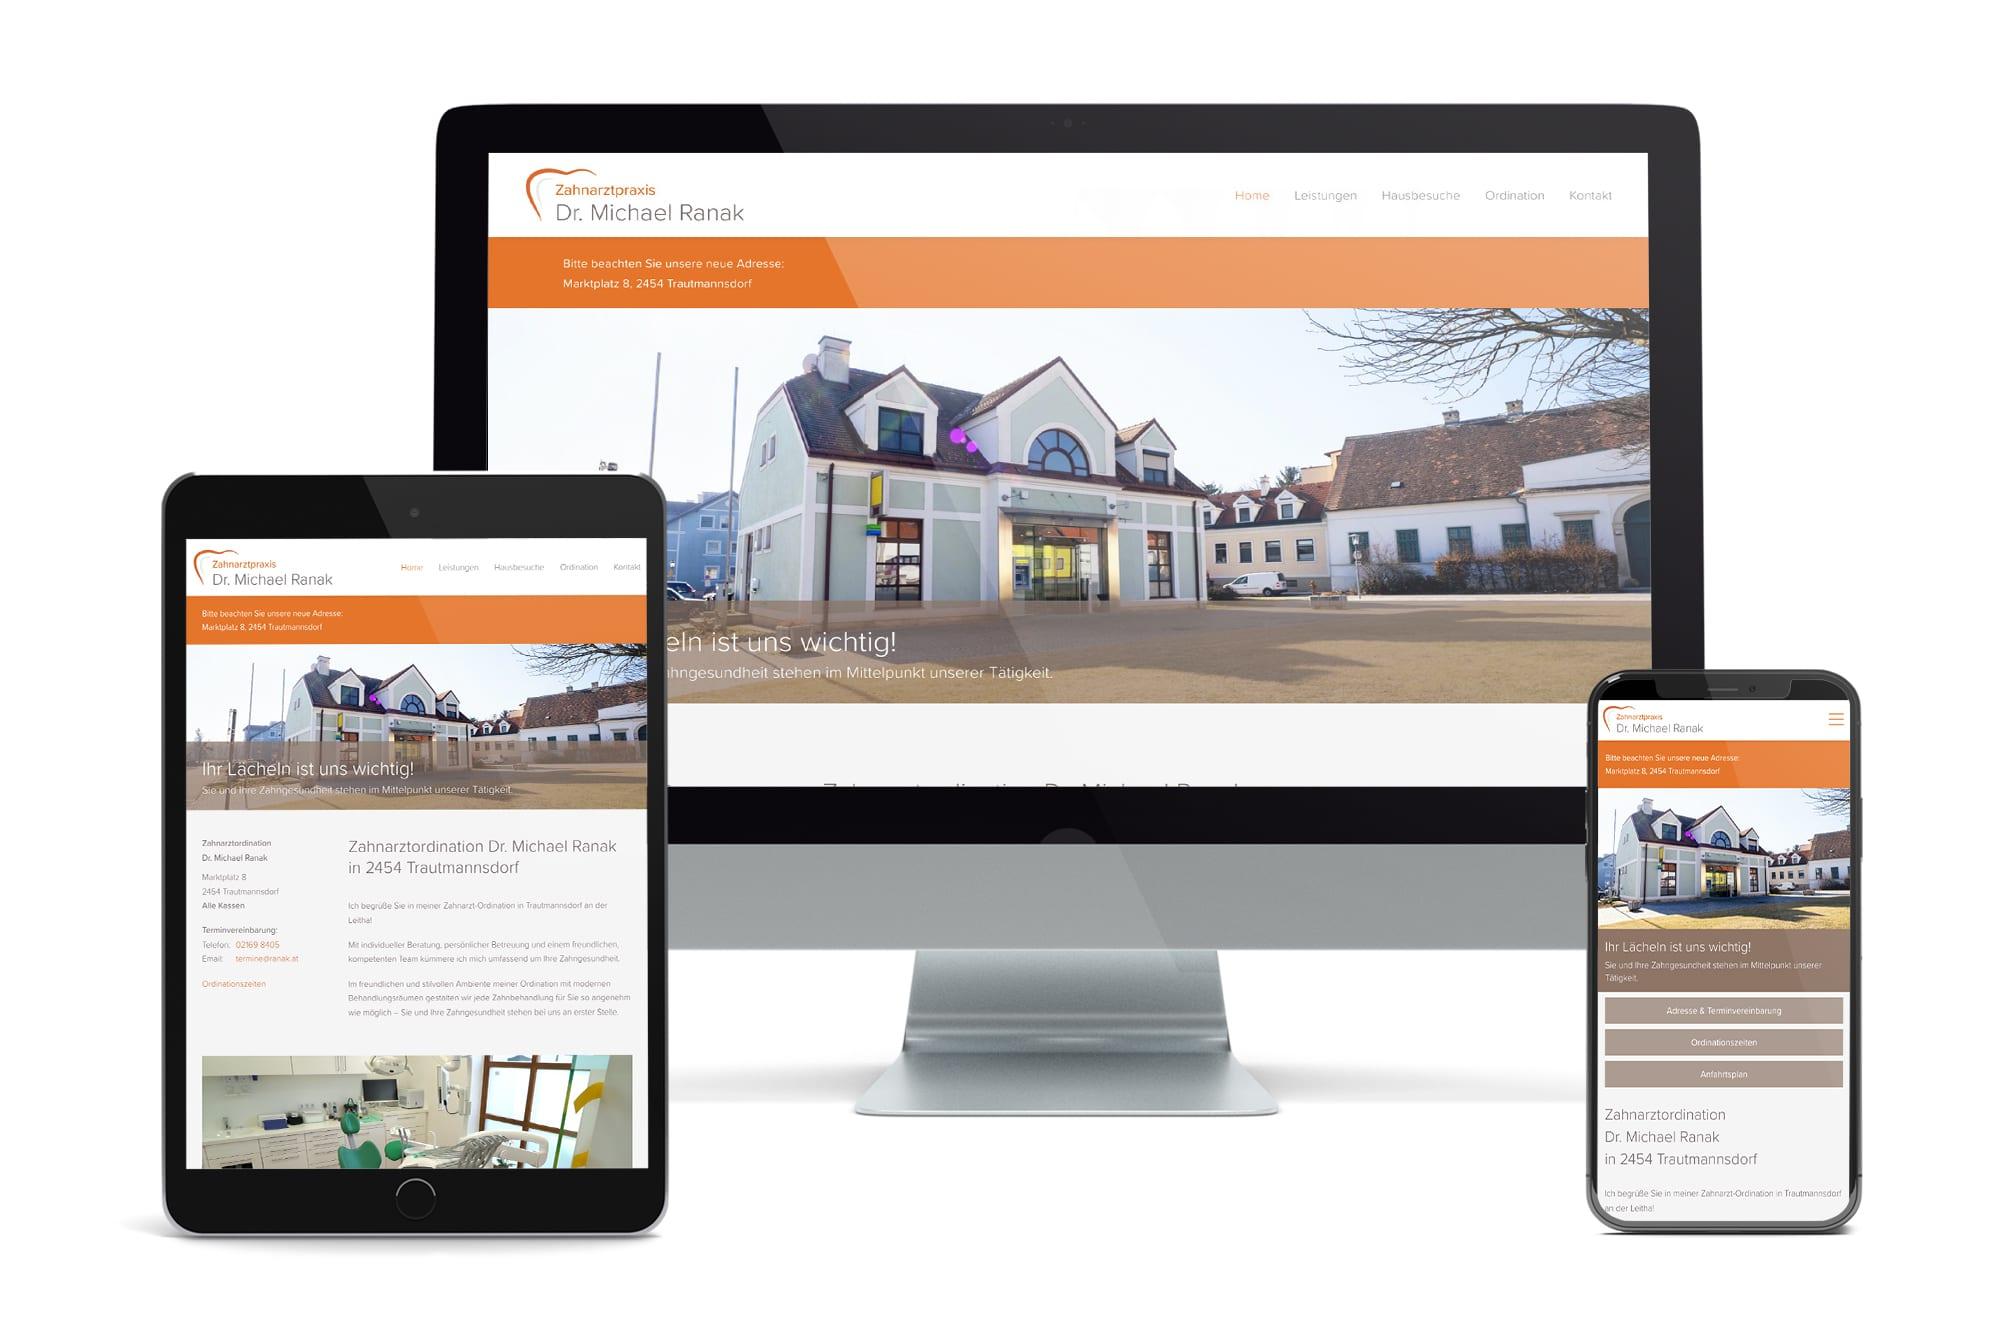 Webdesign Beispiel: Neue Website für Zahnarzt in Trautmannsdorf